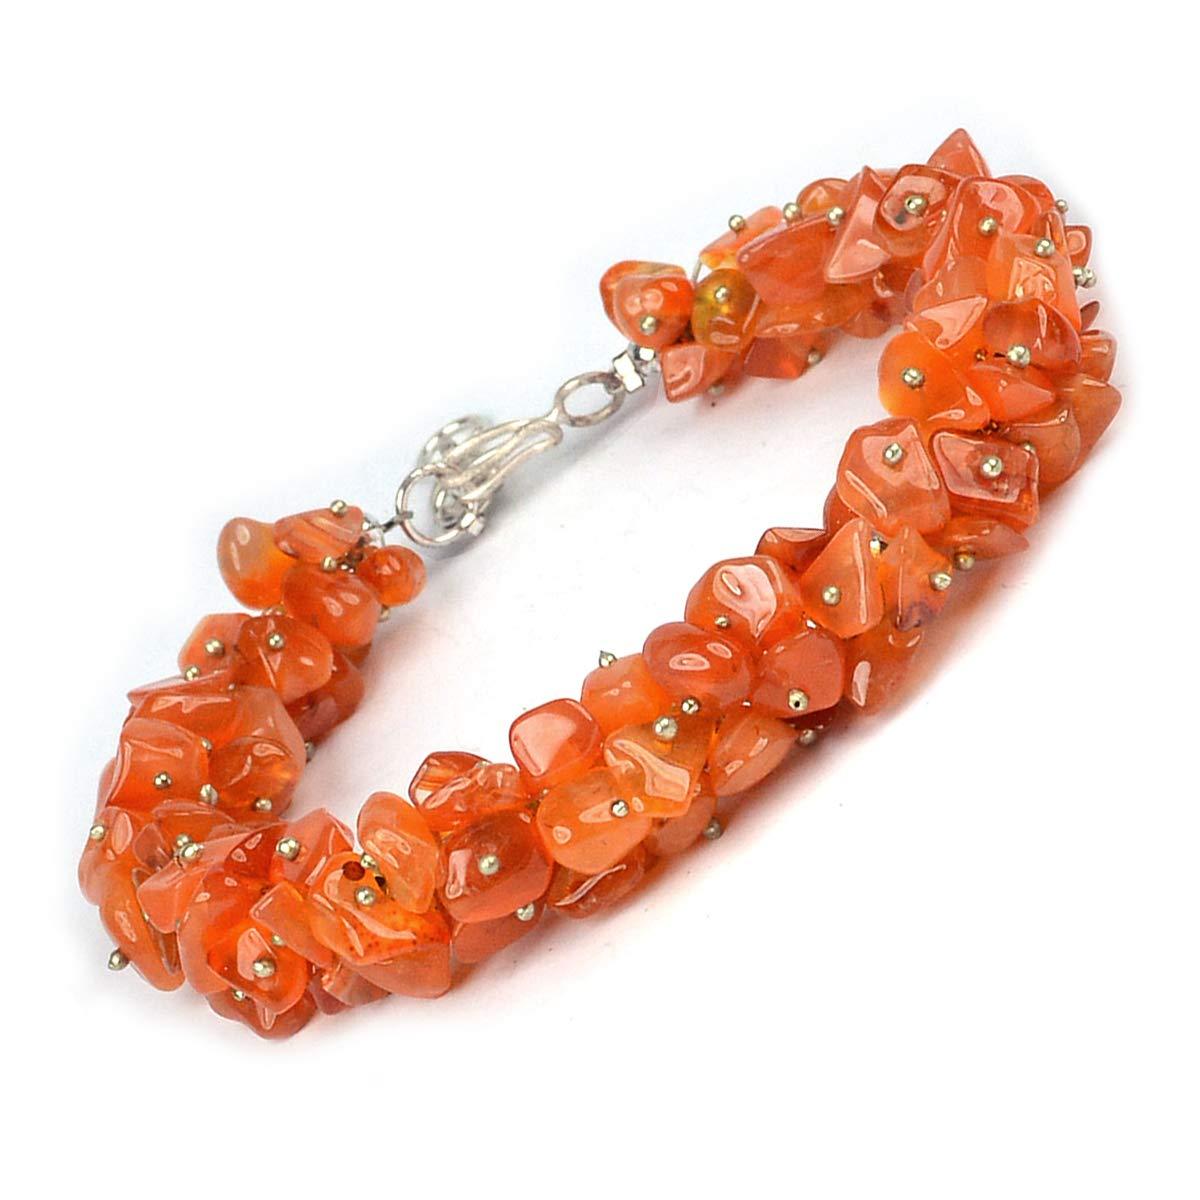 Reiki Crystal Products Natural Carnelian Bracelet Crystal Stone Chip Bracelet for Reiki Healing and Crystal Healing Stone for Unisex (Color : Orange/Red)